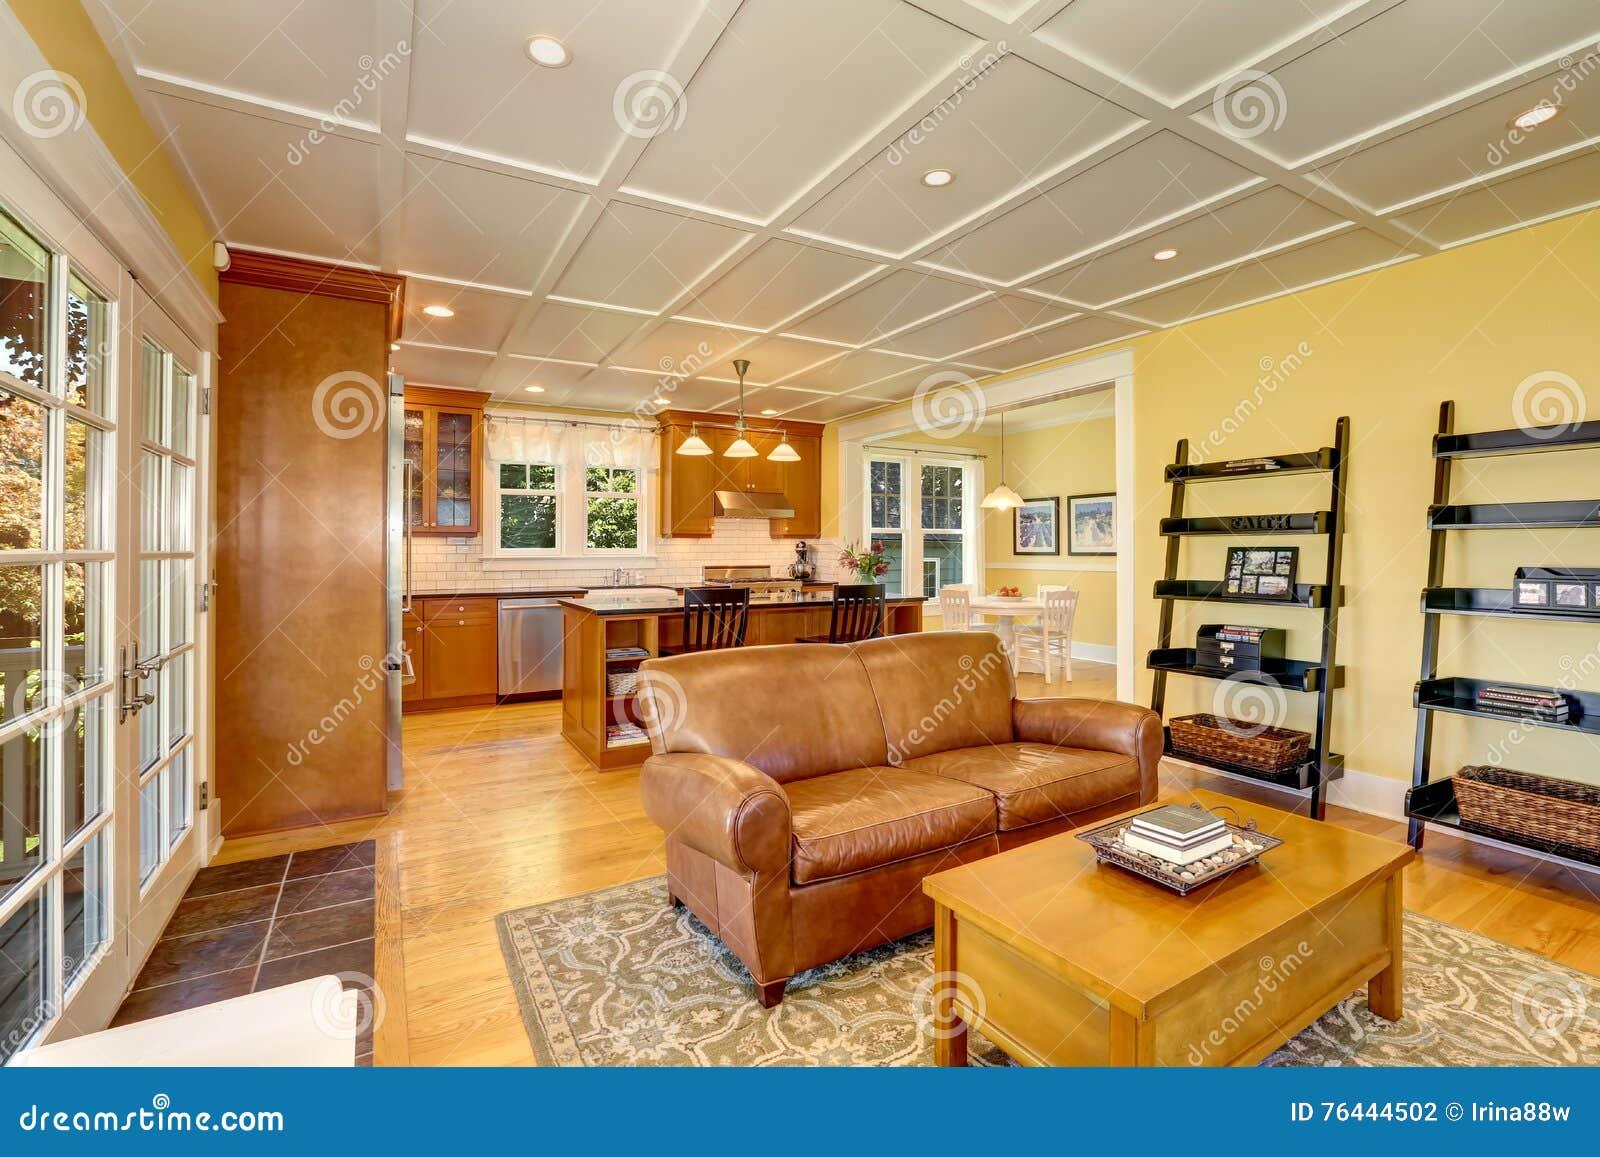 Comfortabele Amerikaanse Woonkamer Met Pastelkleur Gele Muren Stock ...